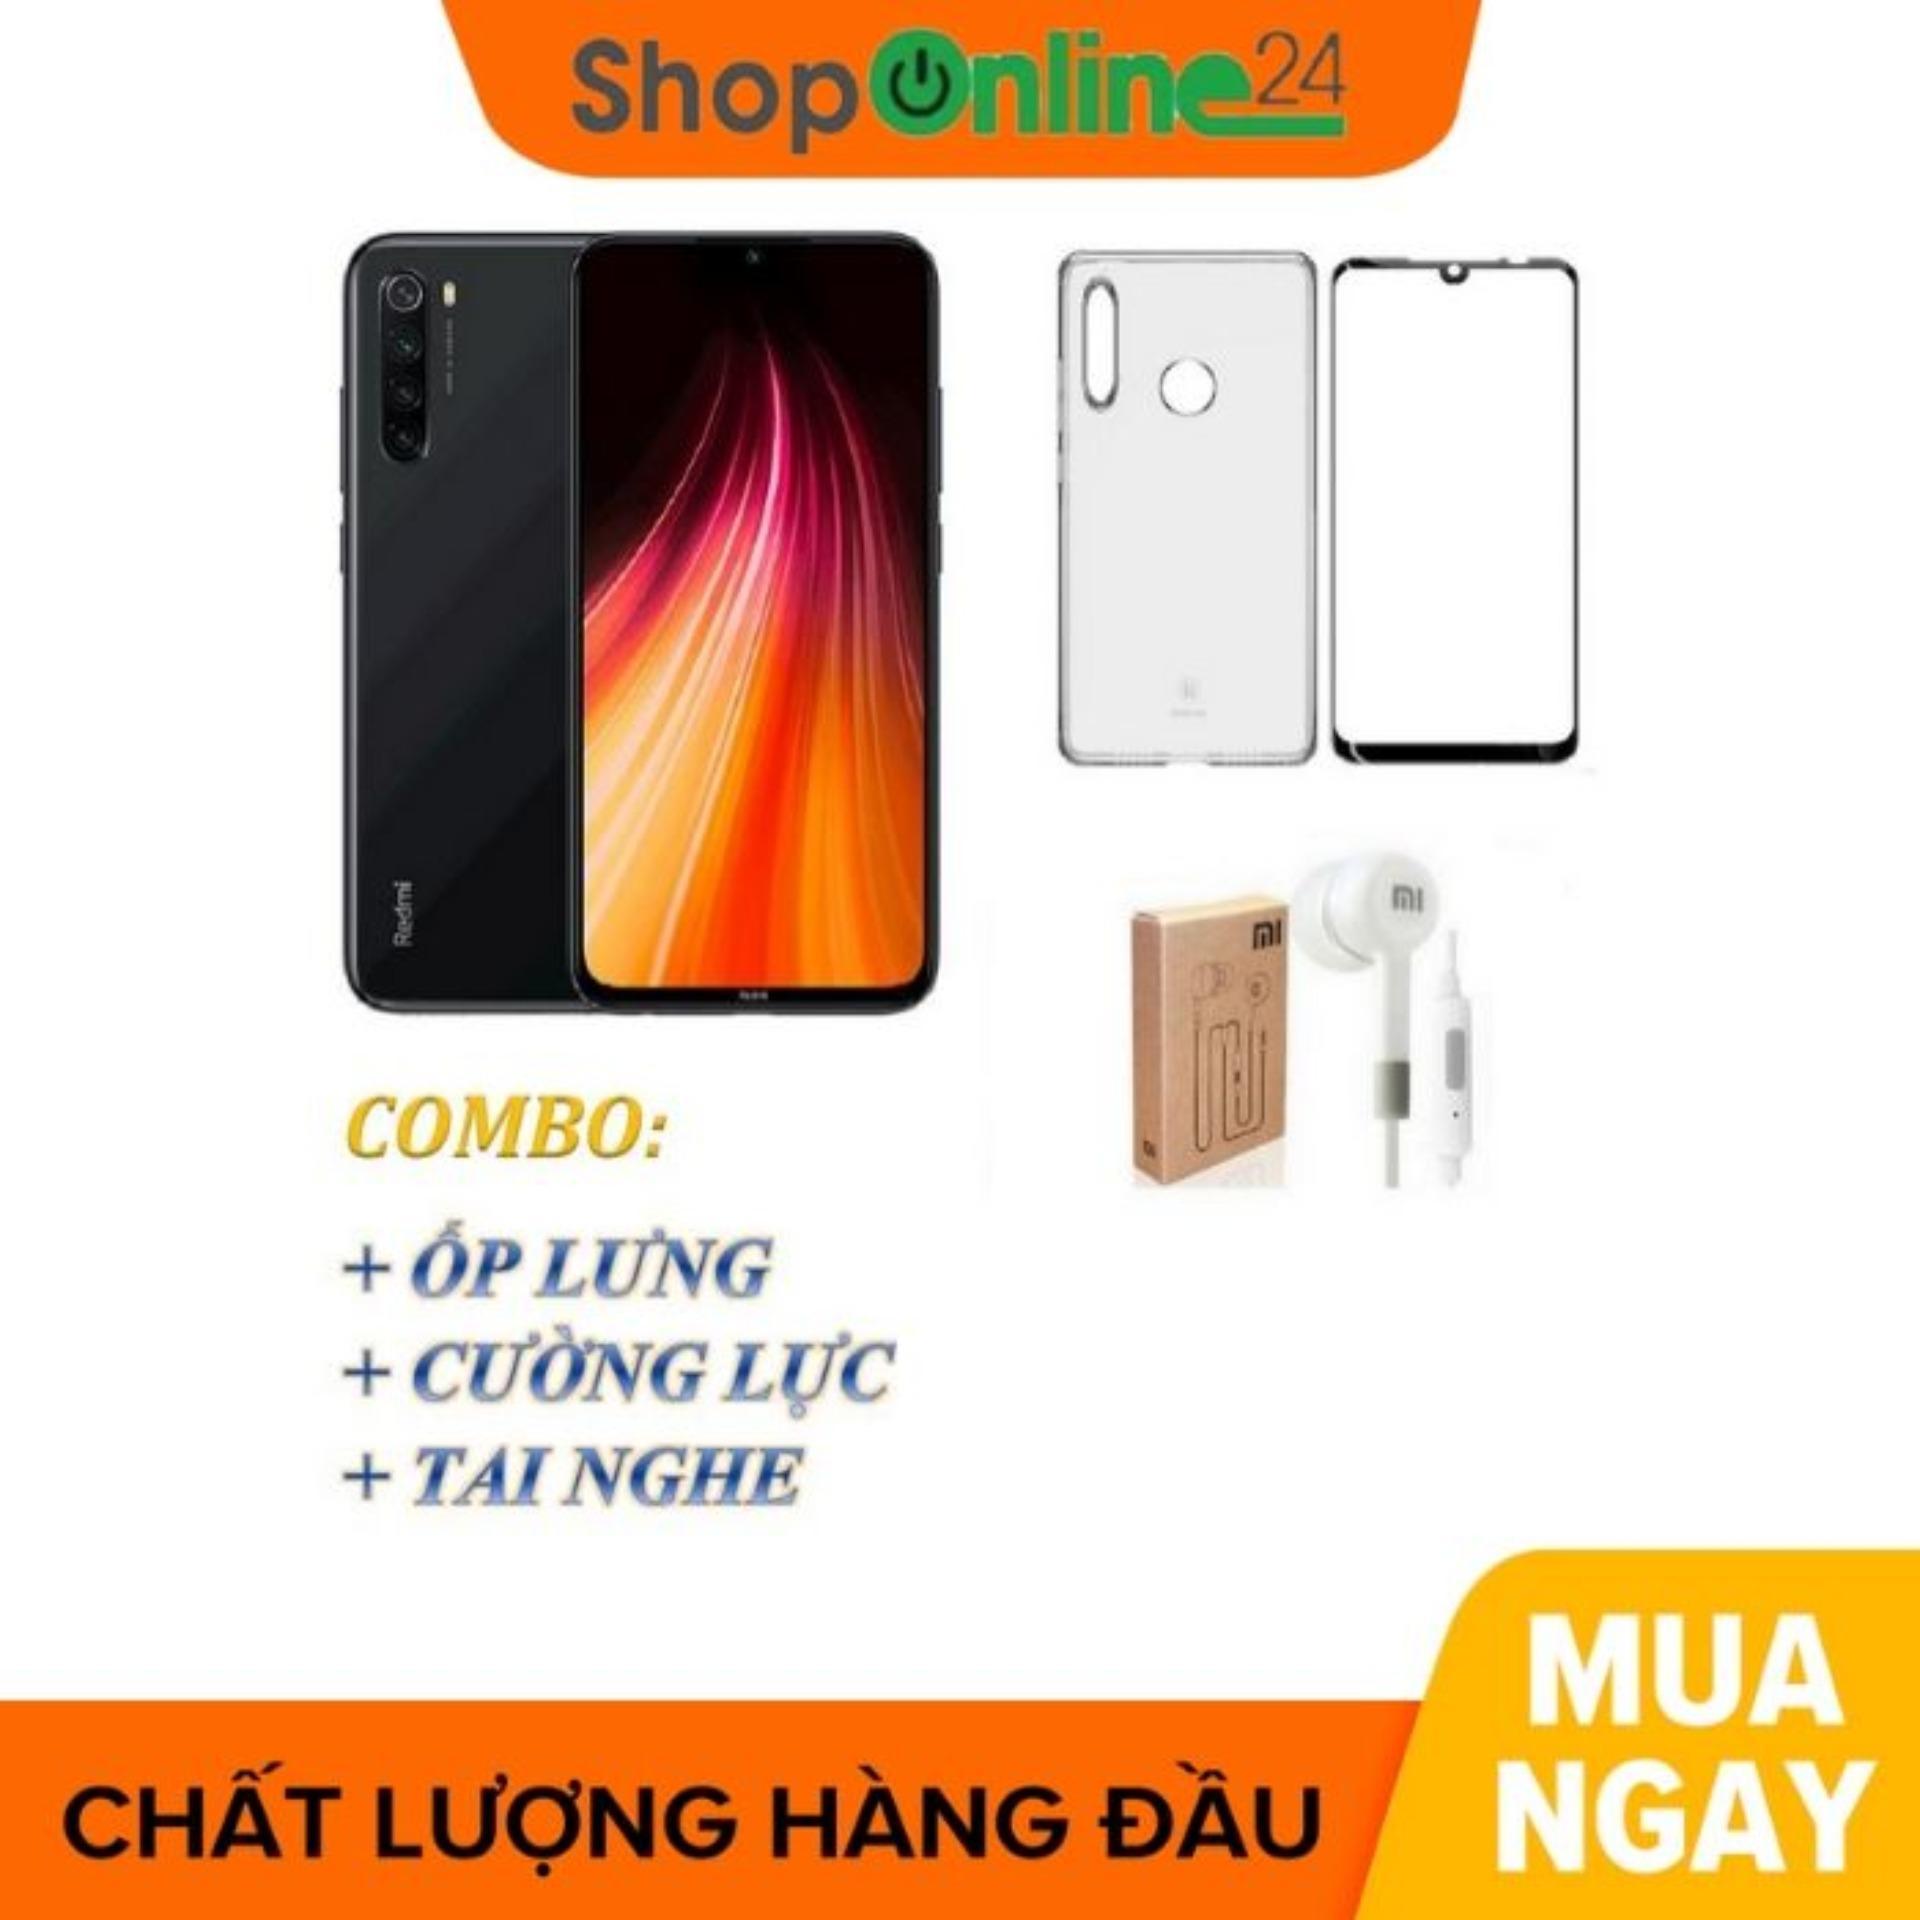 Xiaomi Redmi Note 8 Ram 4GB  64GB + Ốp Lưng + Cường Lực + Tai Nghe - Shop Online 24 - Hàng Nhập Khẩu Đang Giảm Giá